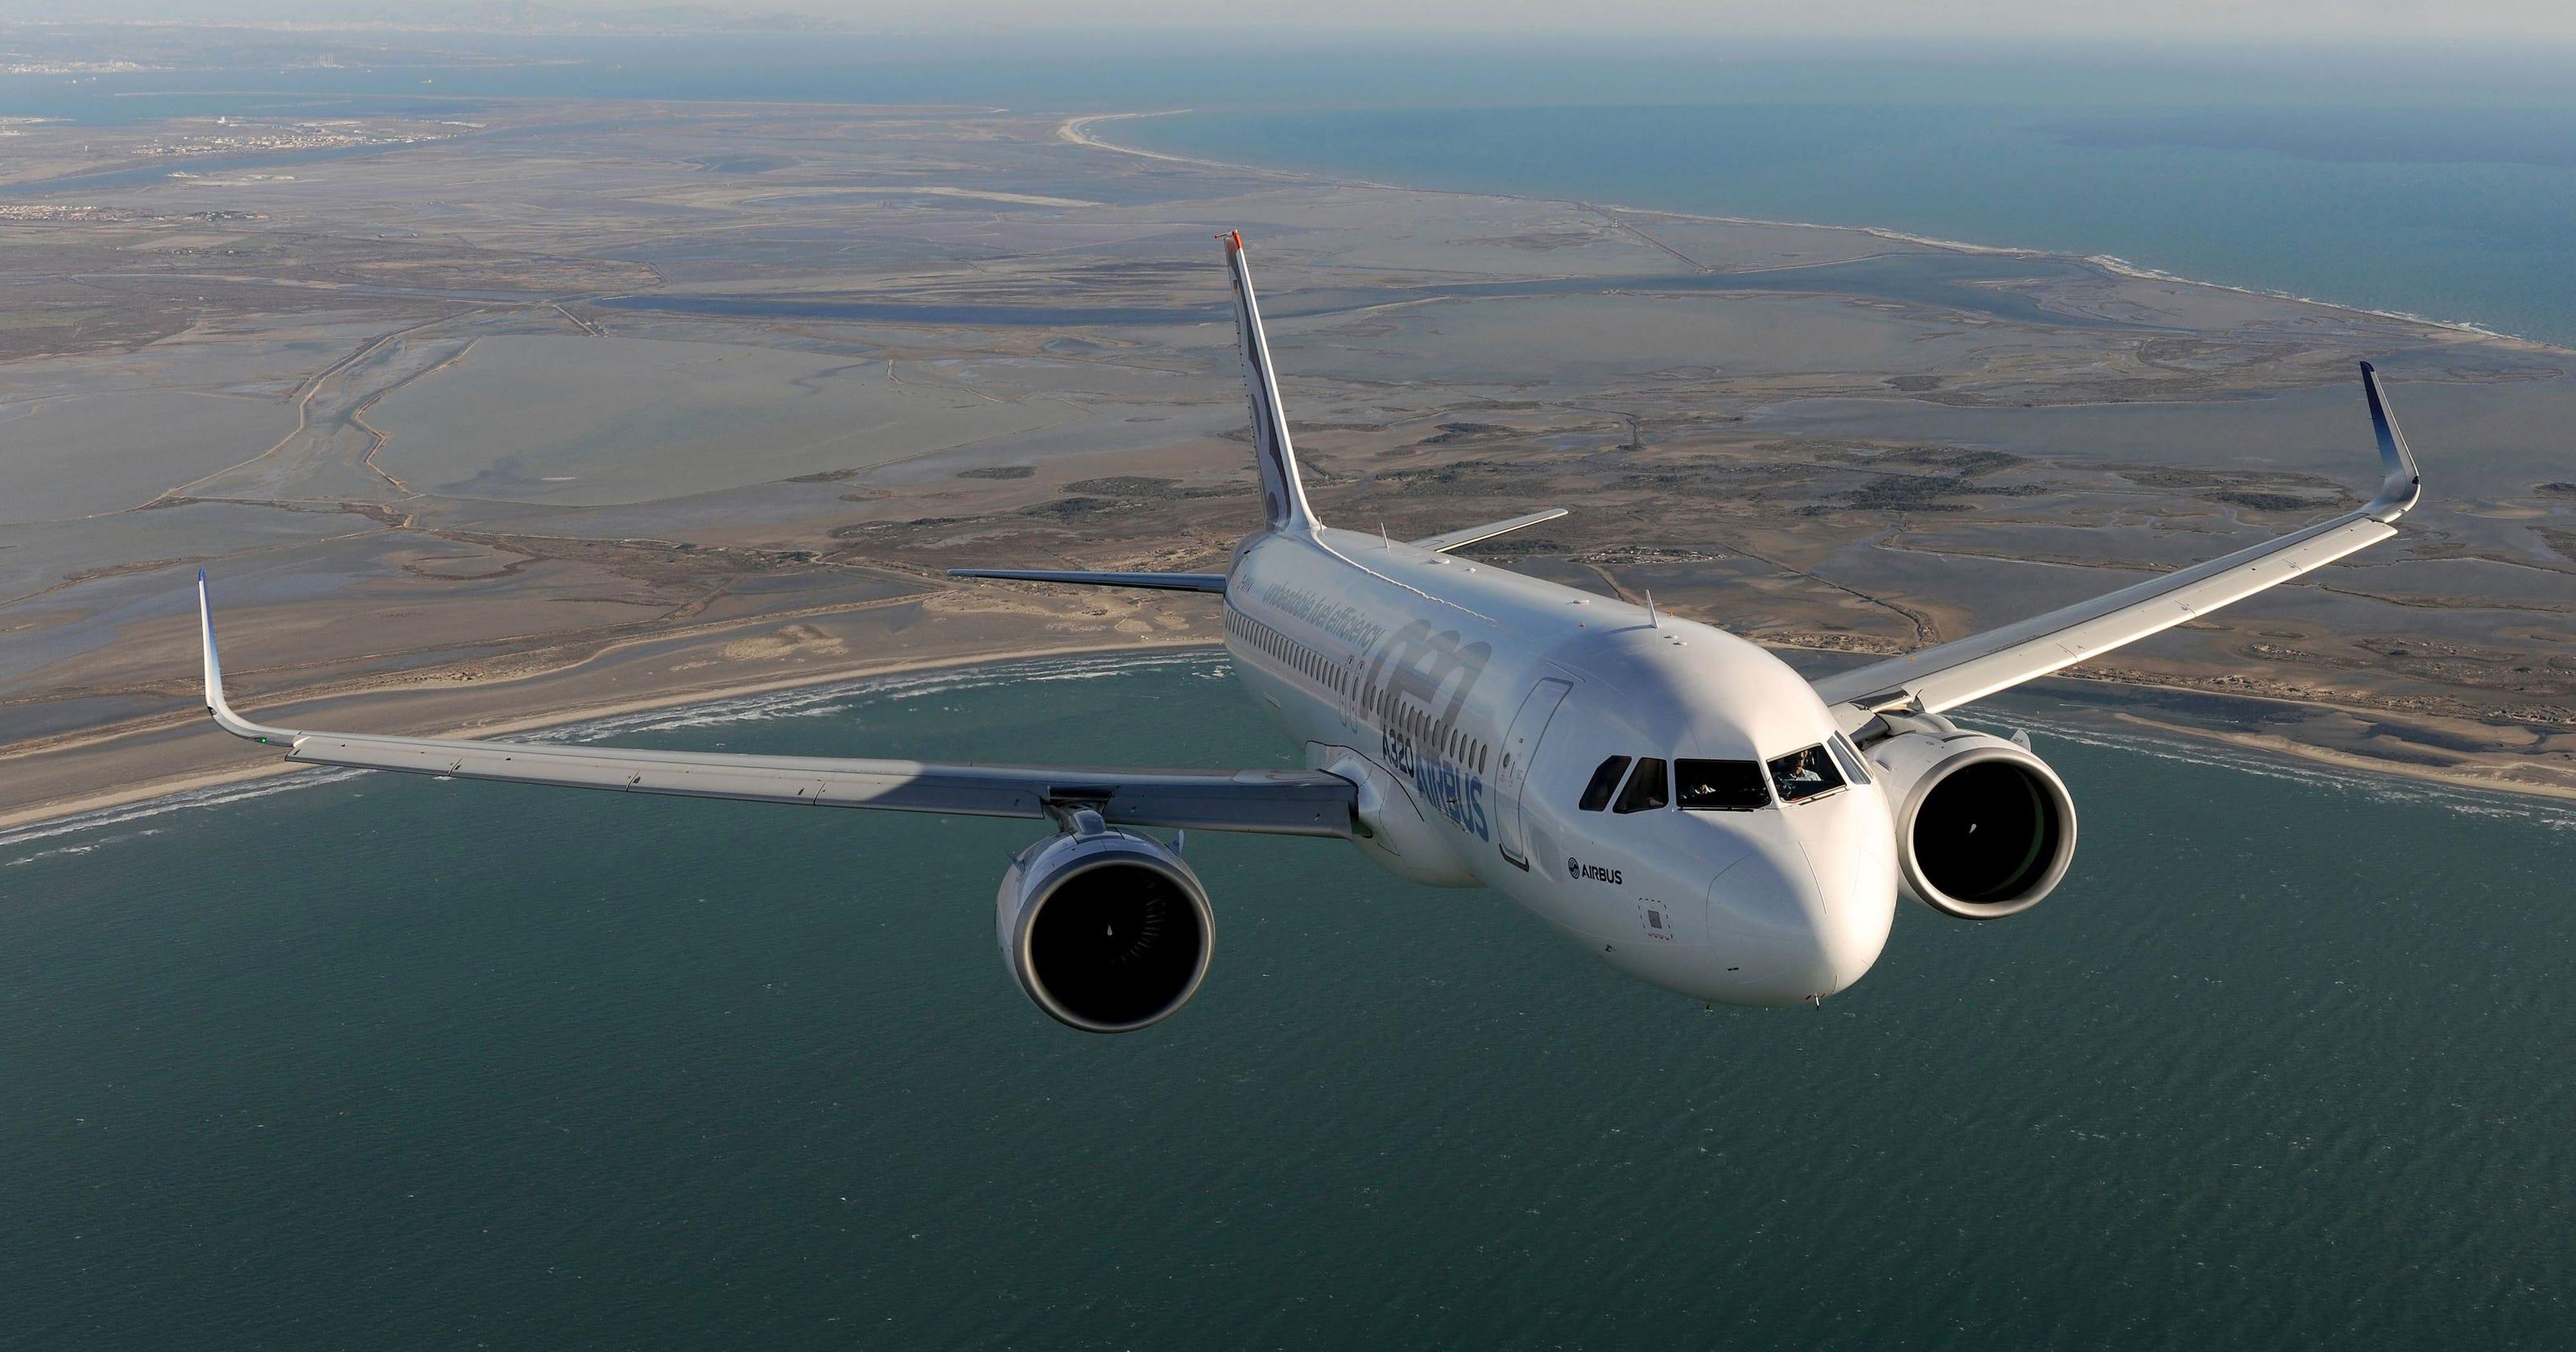 Resultado de imagen para paris air show 2019 Airbus A320